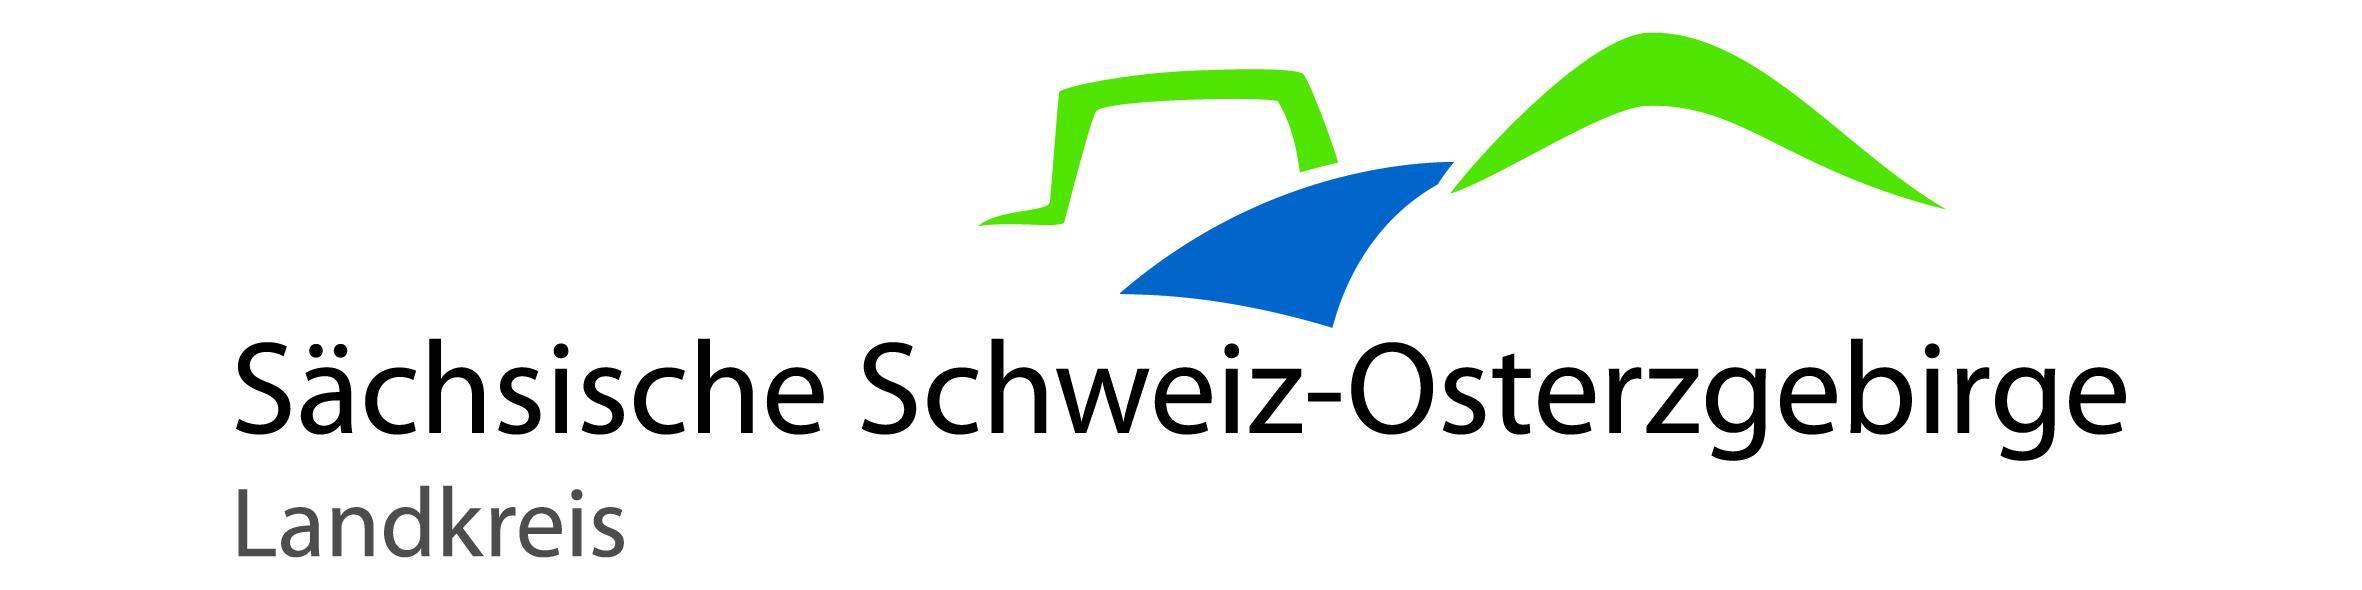 logo lra logo schriftzug